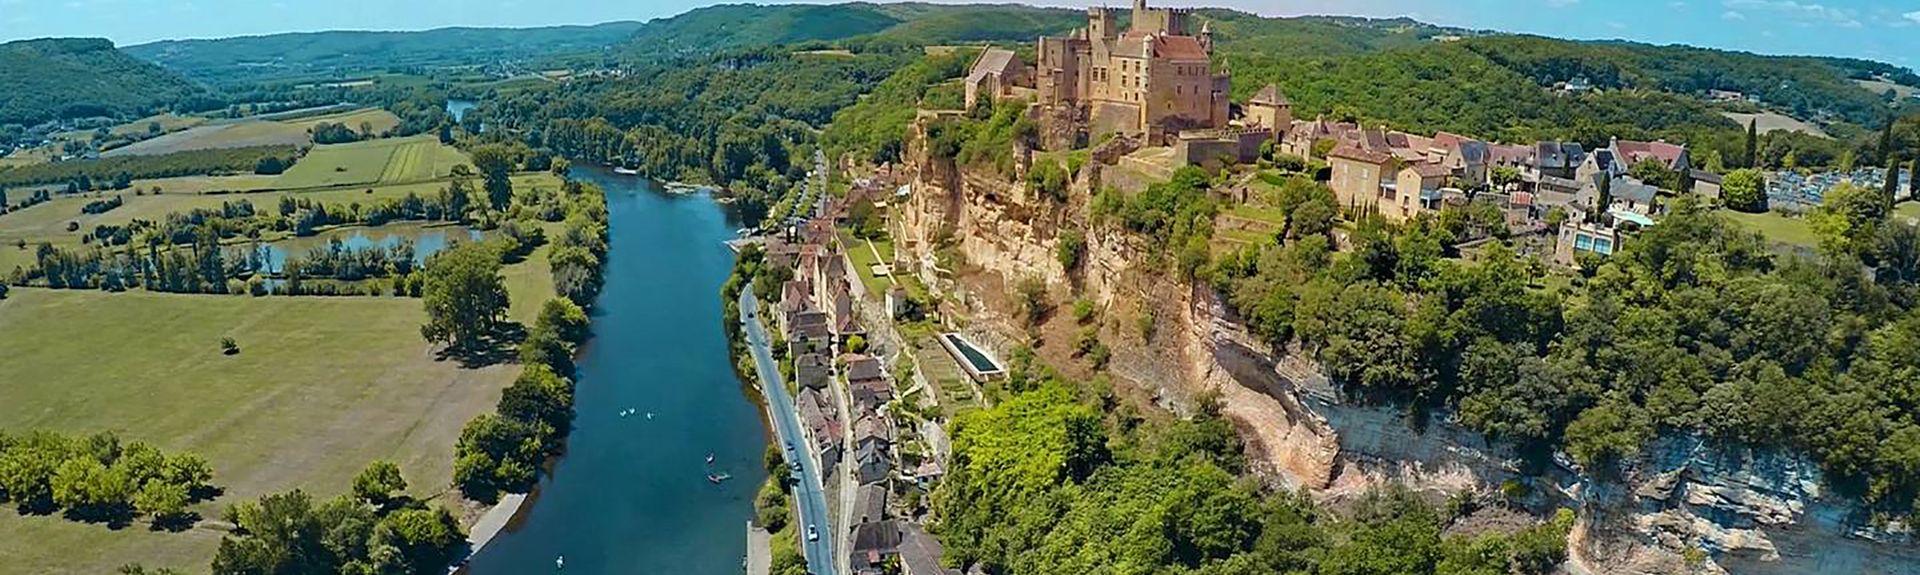 Cause-de-Clérans, Nouvelle-Aquitaine, France